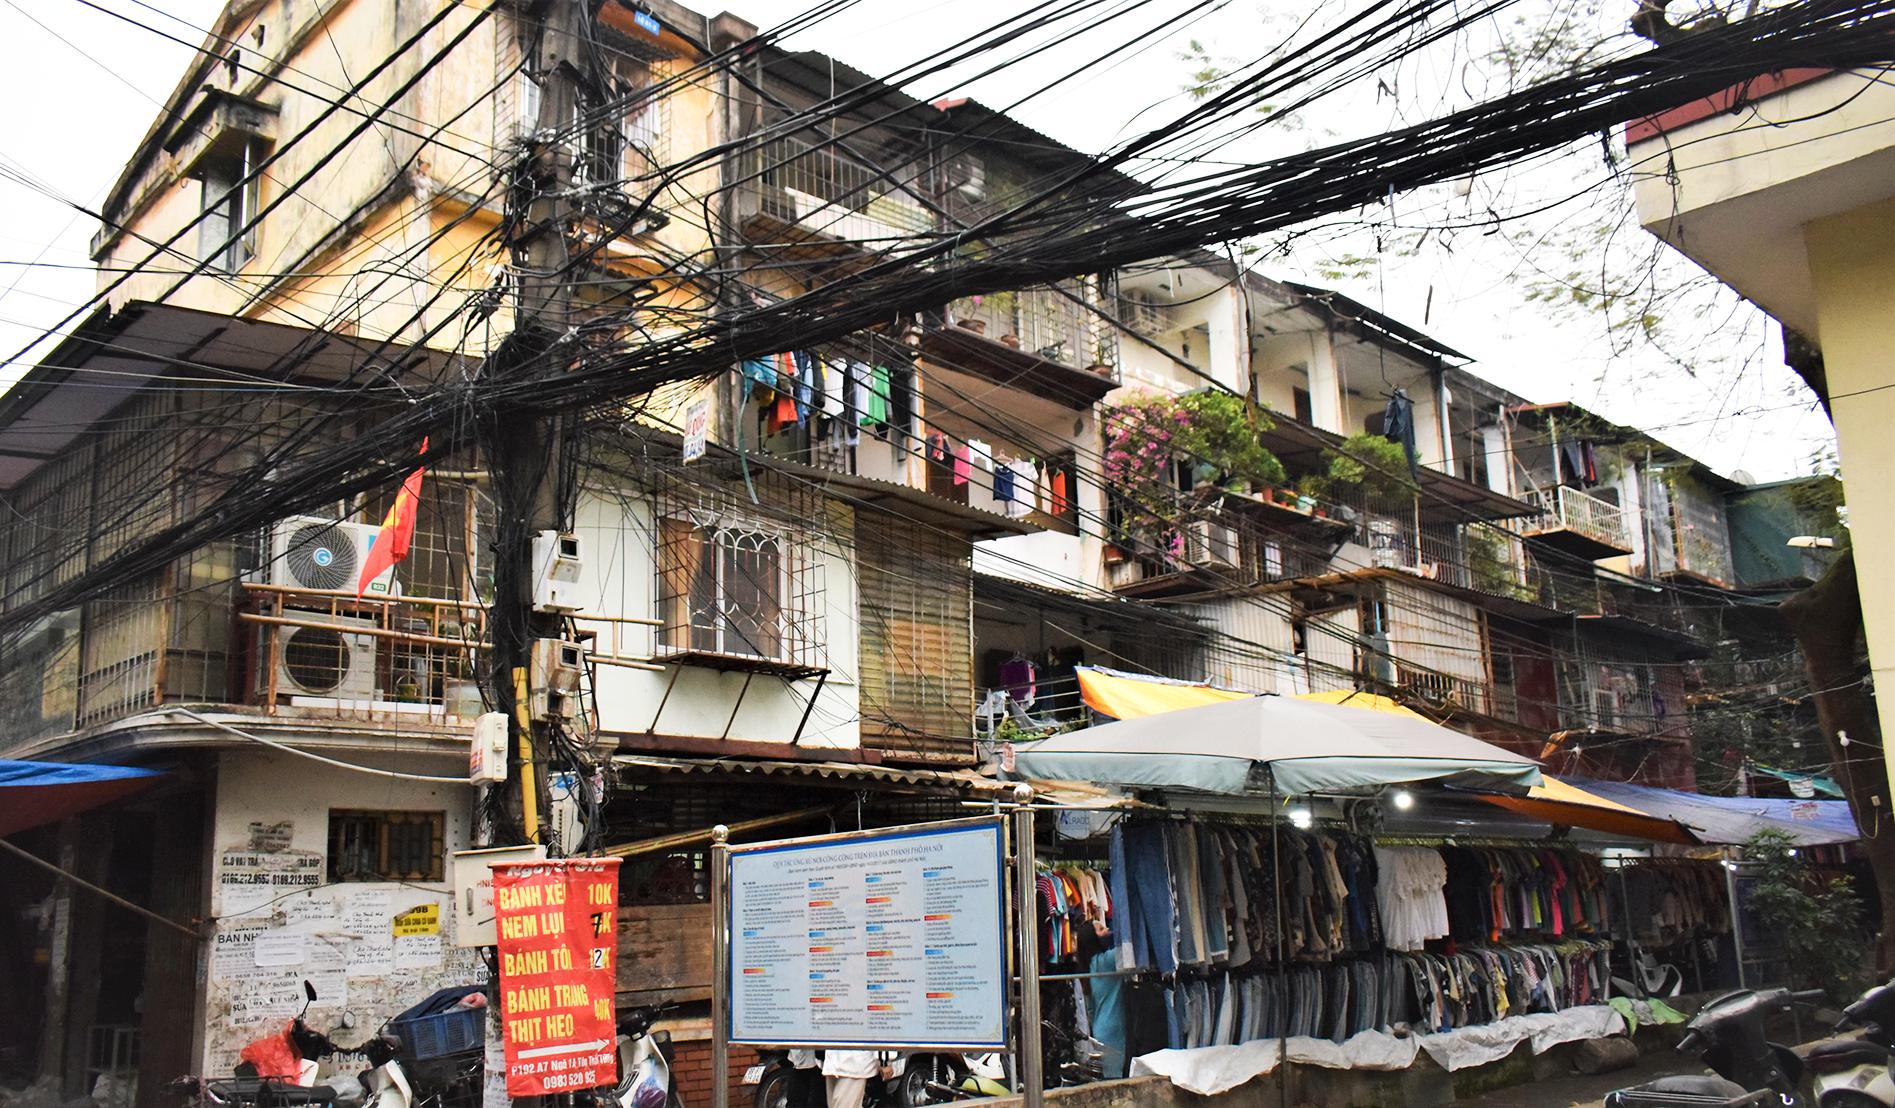 Hà Nội sẽ cải tạo 10 chung cư cũ từ nay đến 2025 - Ảnh 1.